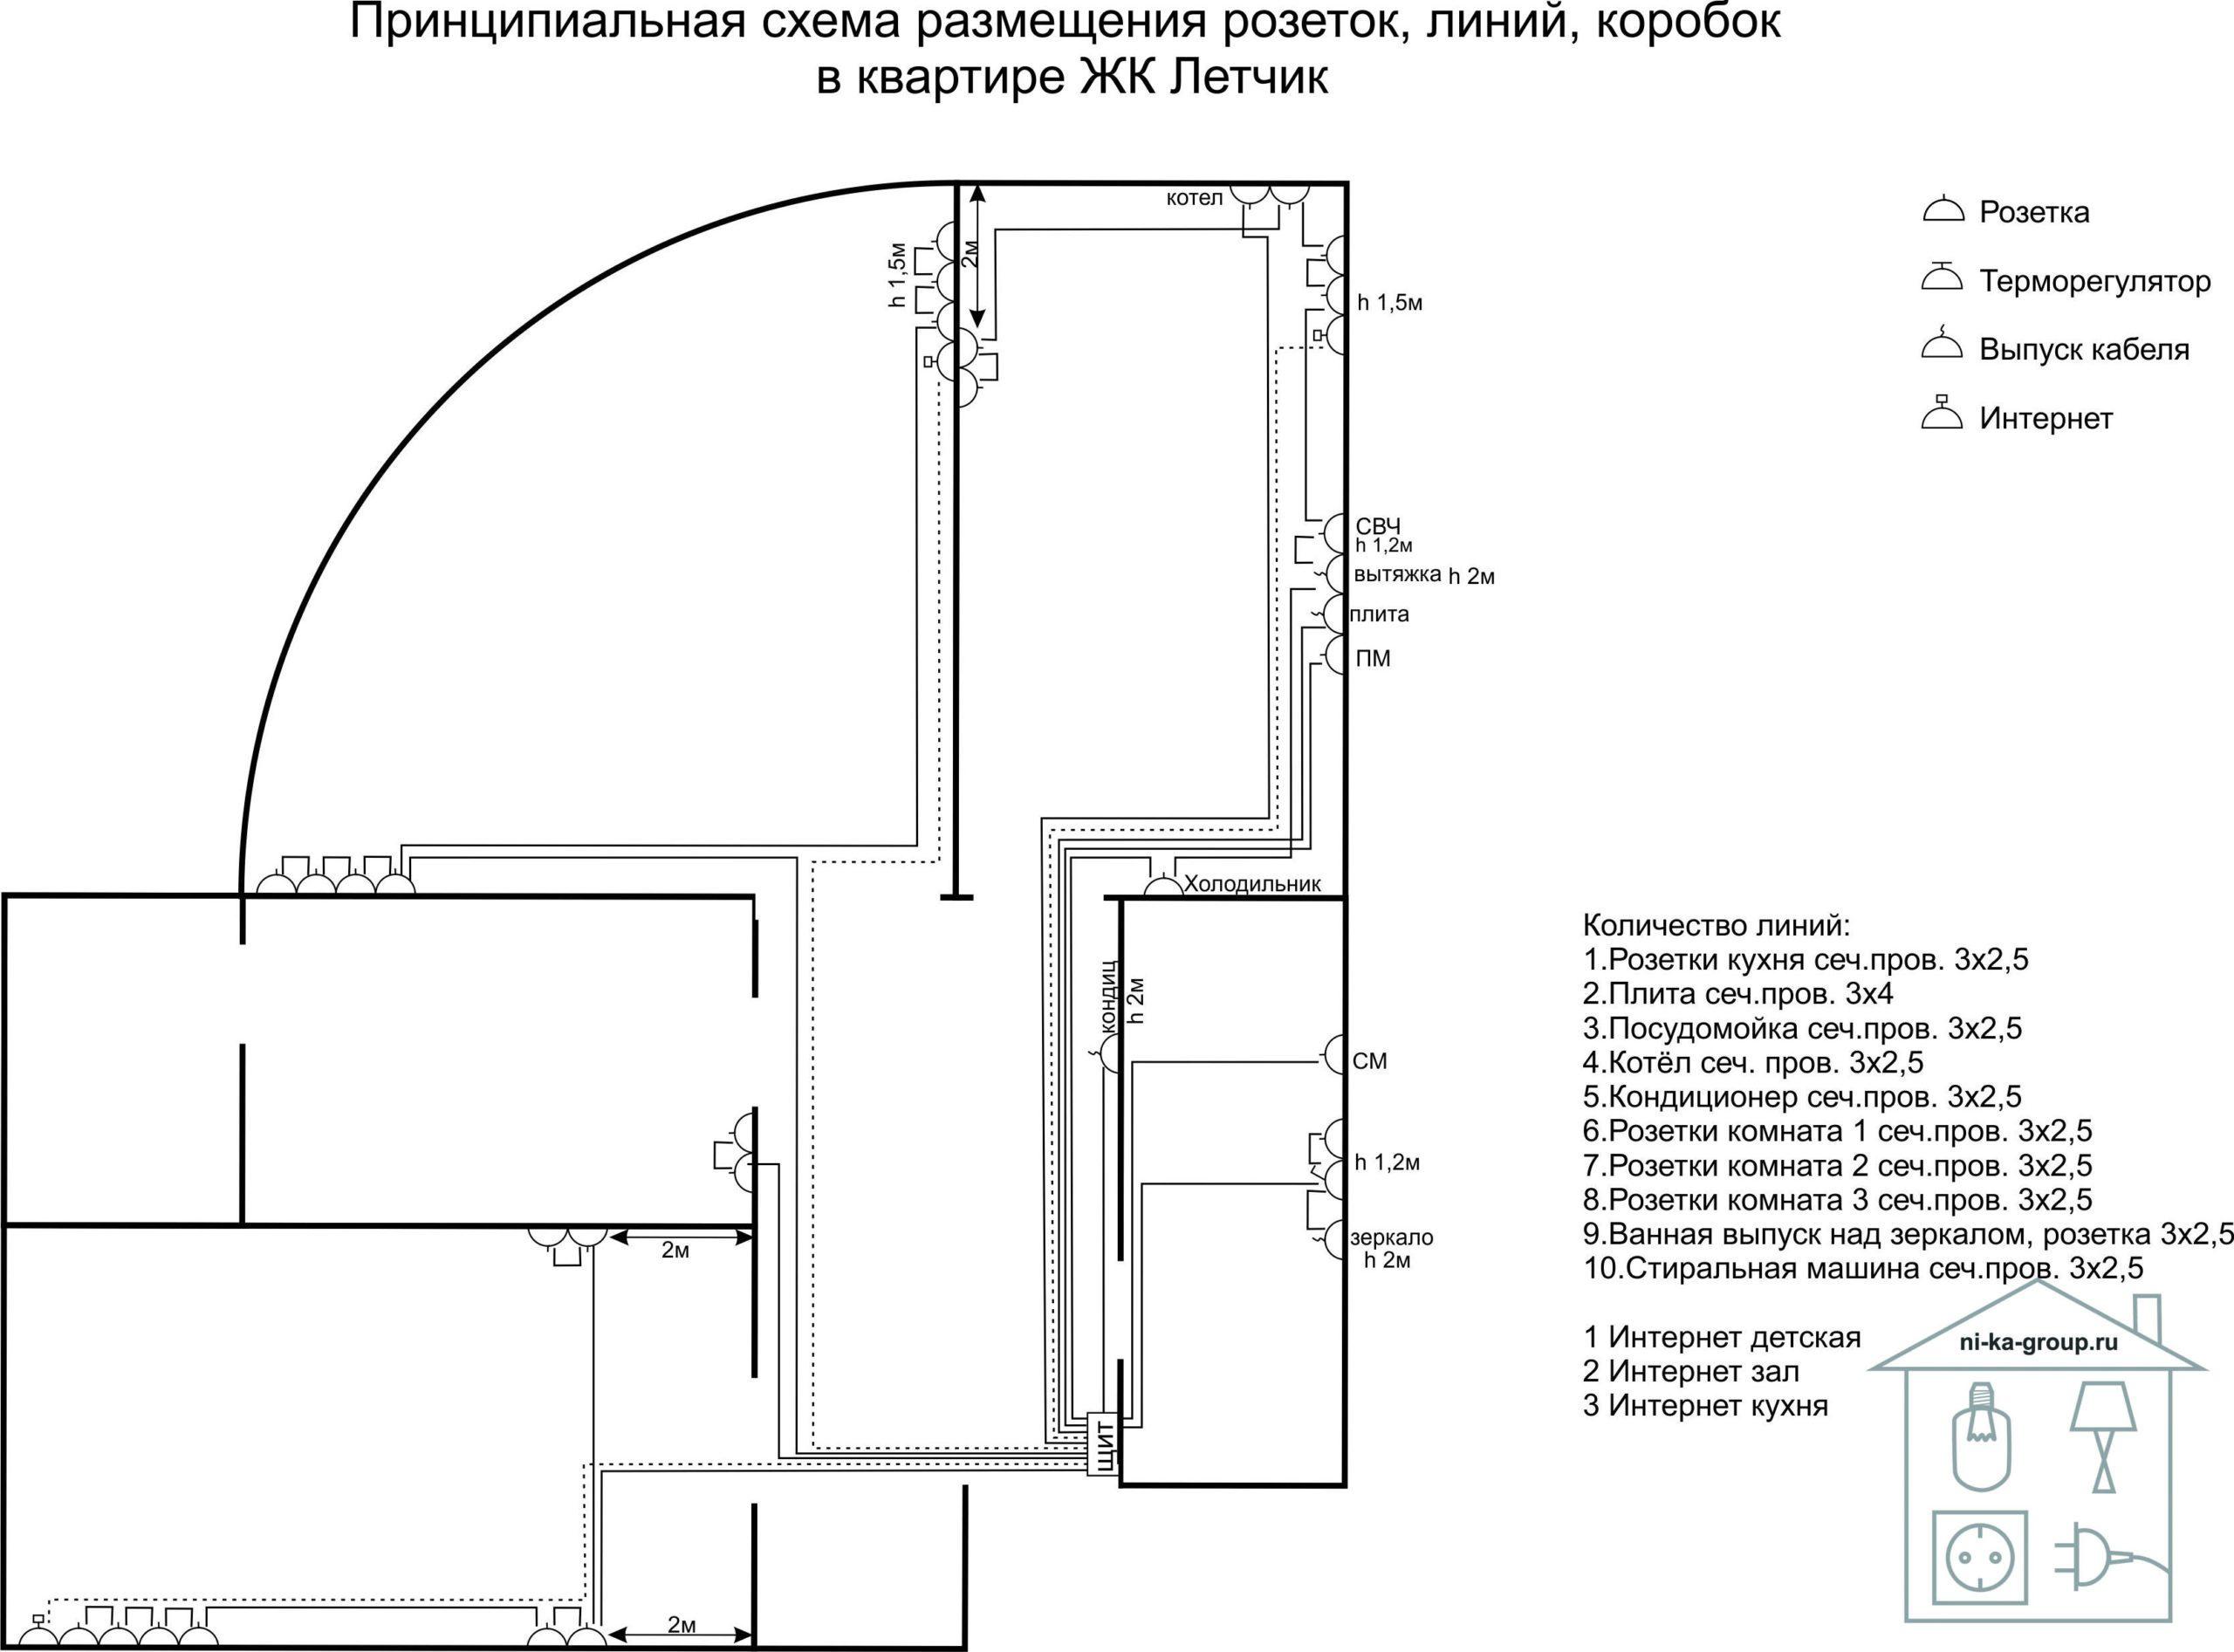 Электрическая схема размещения и подключения линий розеток в квартире ЖК Летчик